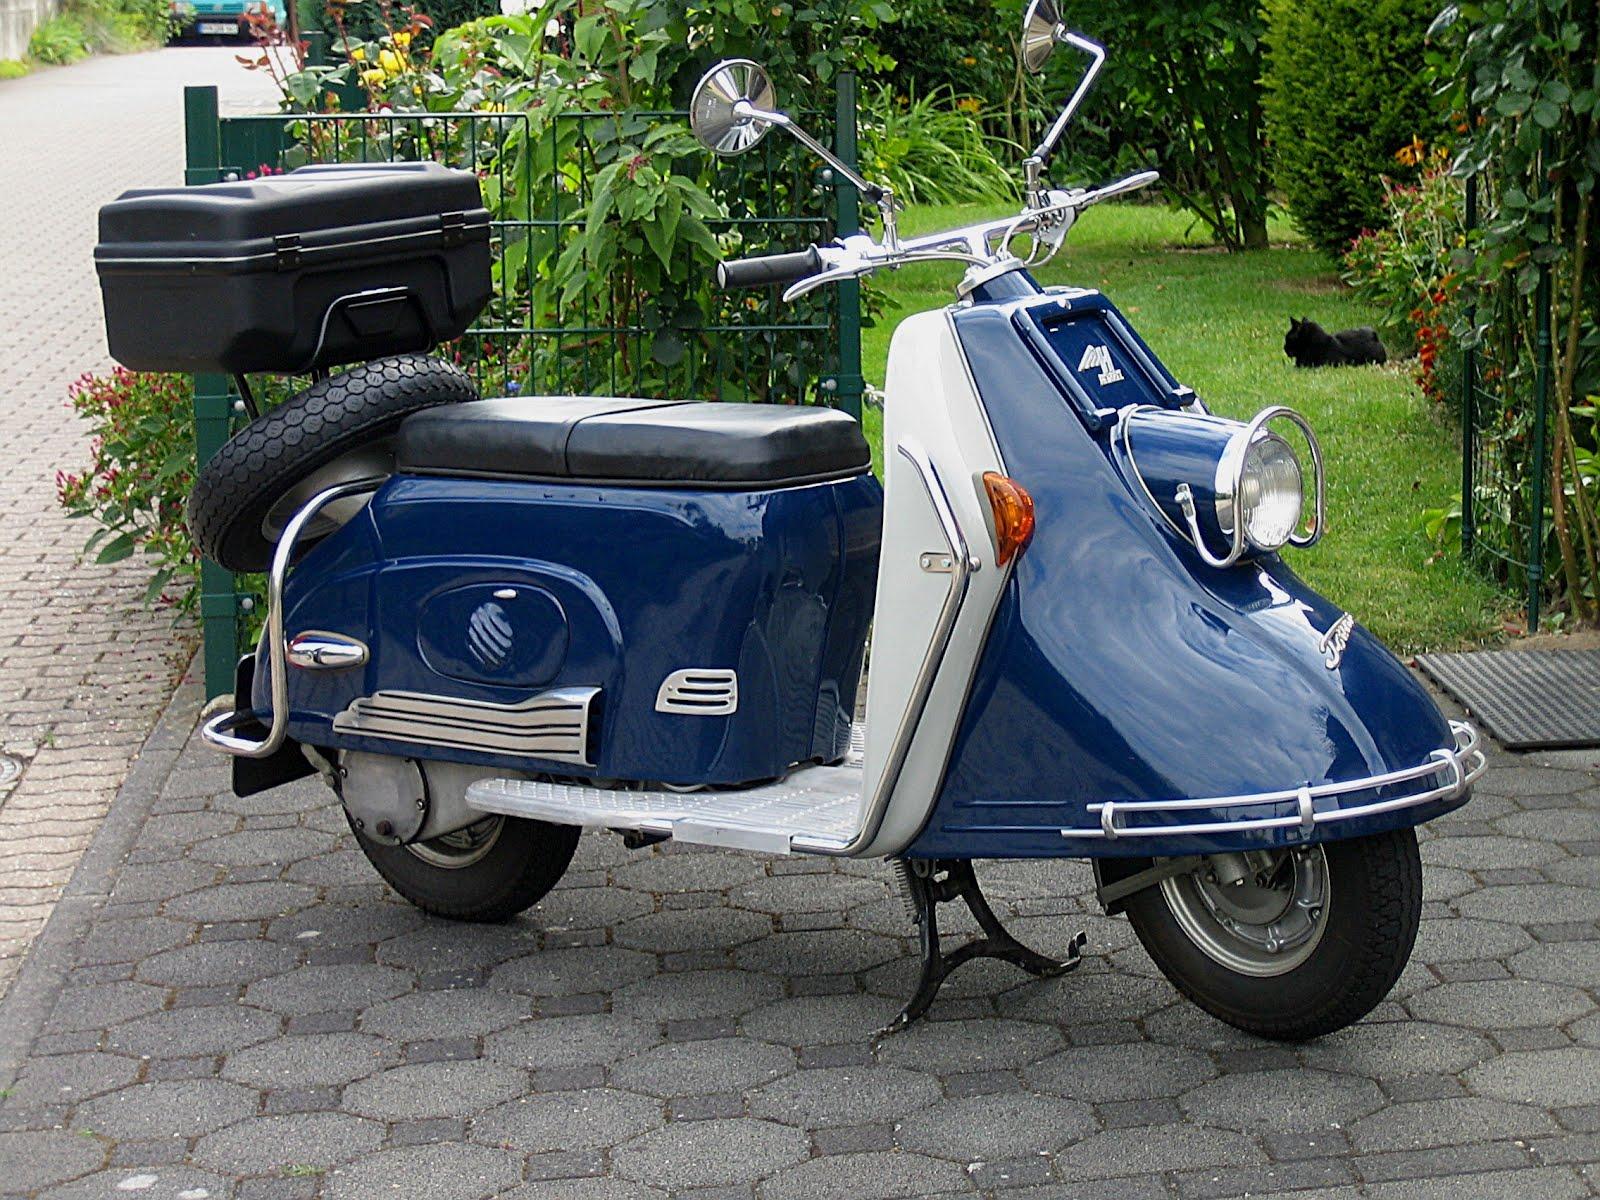 heinkel tourist vespa scooters. Black Bedroom Furniture Sets. Home Design Ideas